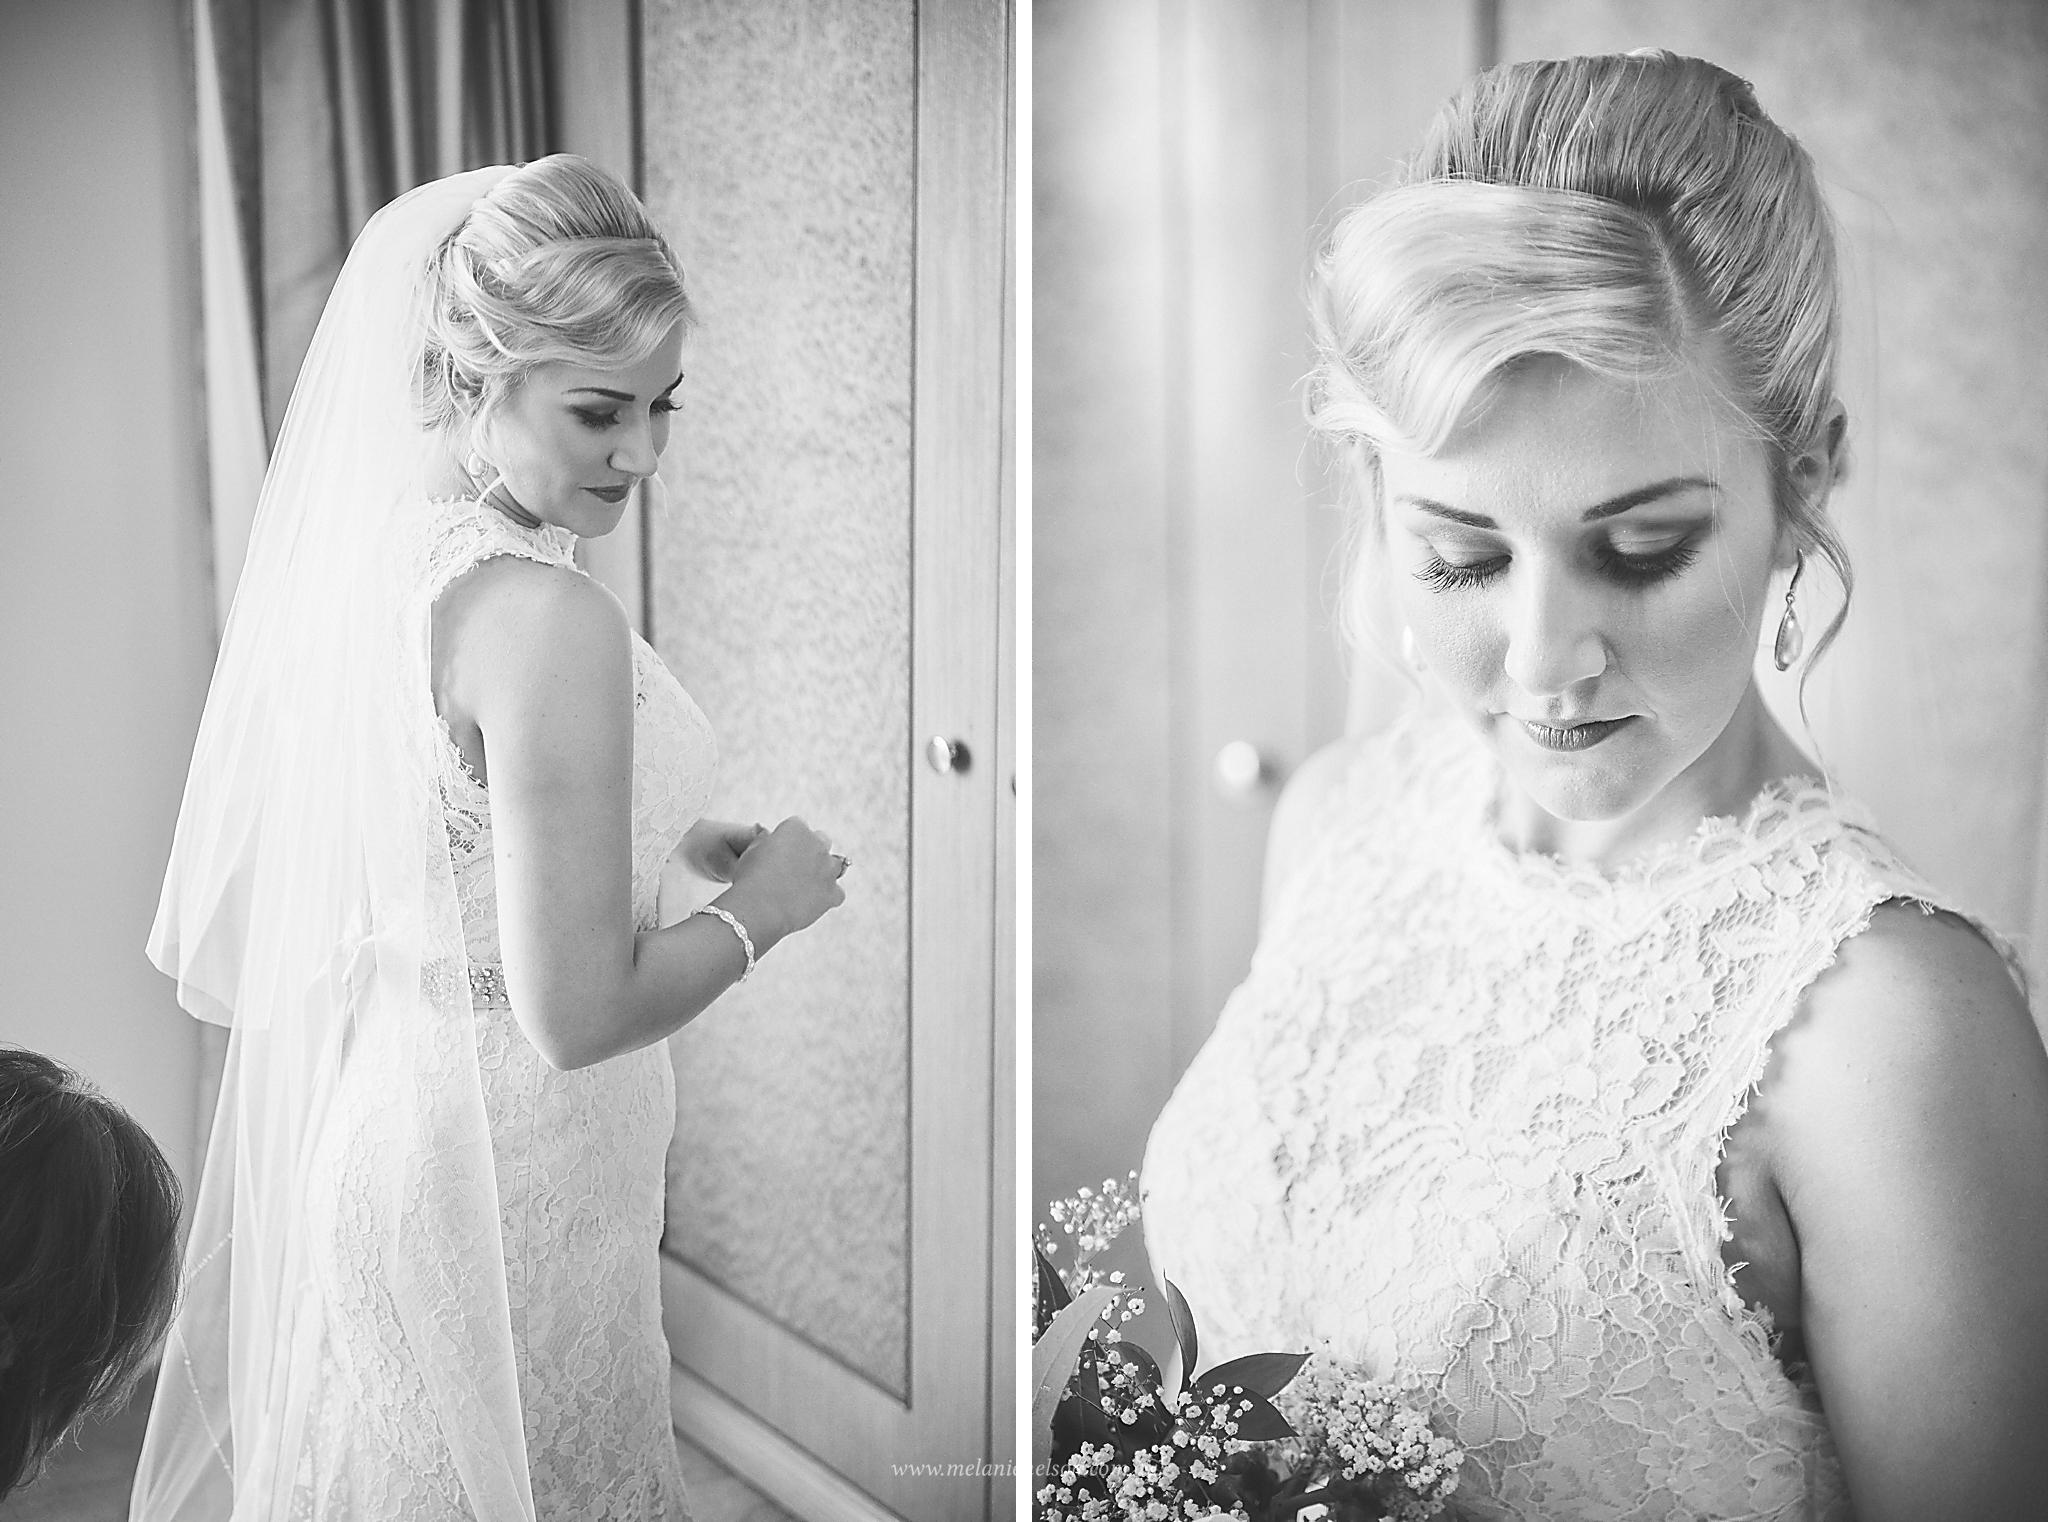 adelaide_wedding_photography16.jpg